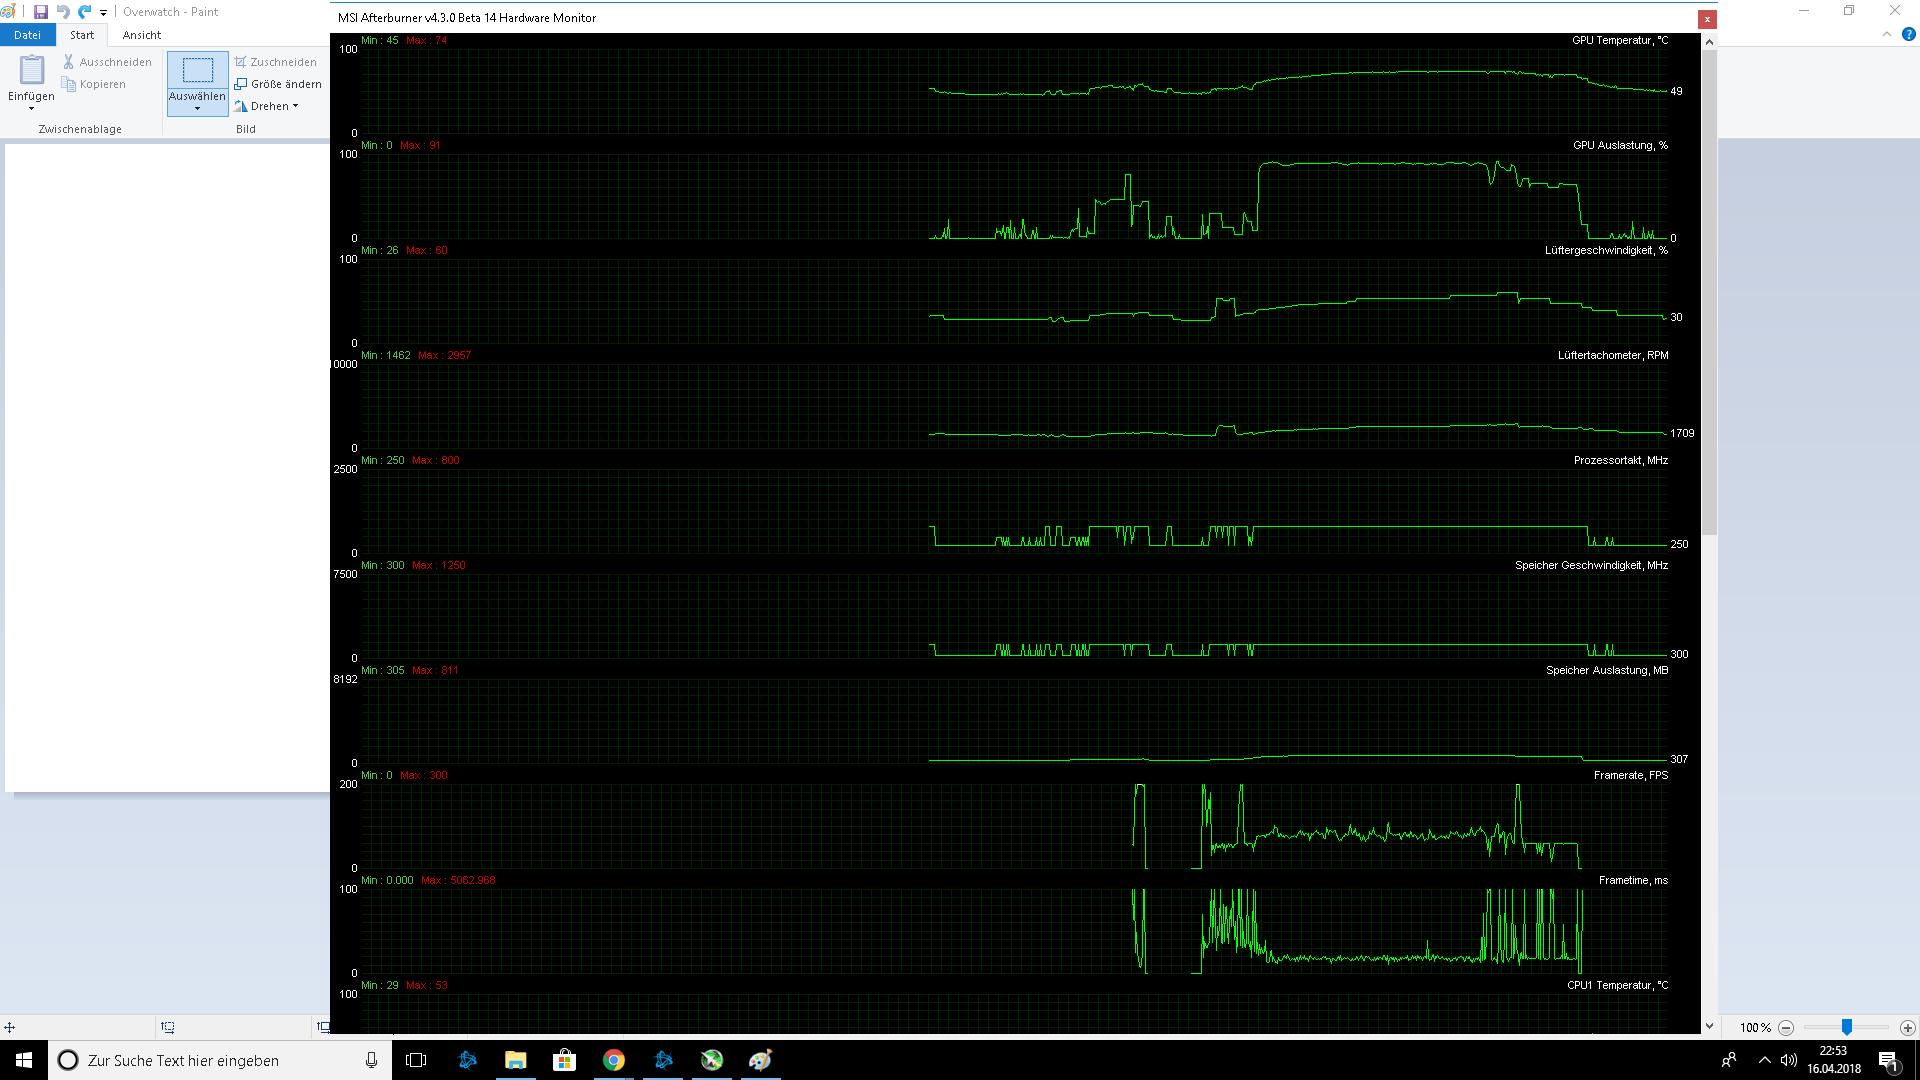 Klicke auf die Grafik für eine größere Ansicht  Name:Overwatch 1 Runde.png Hits:19 Größe:58,2 KB ID:675708